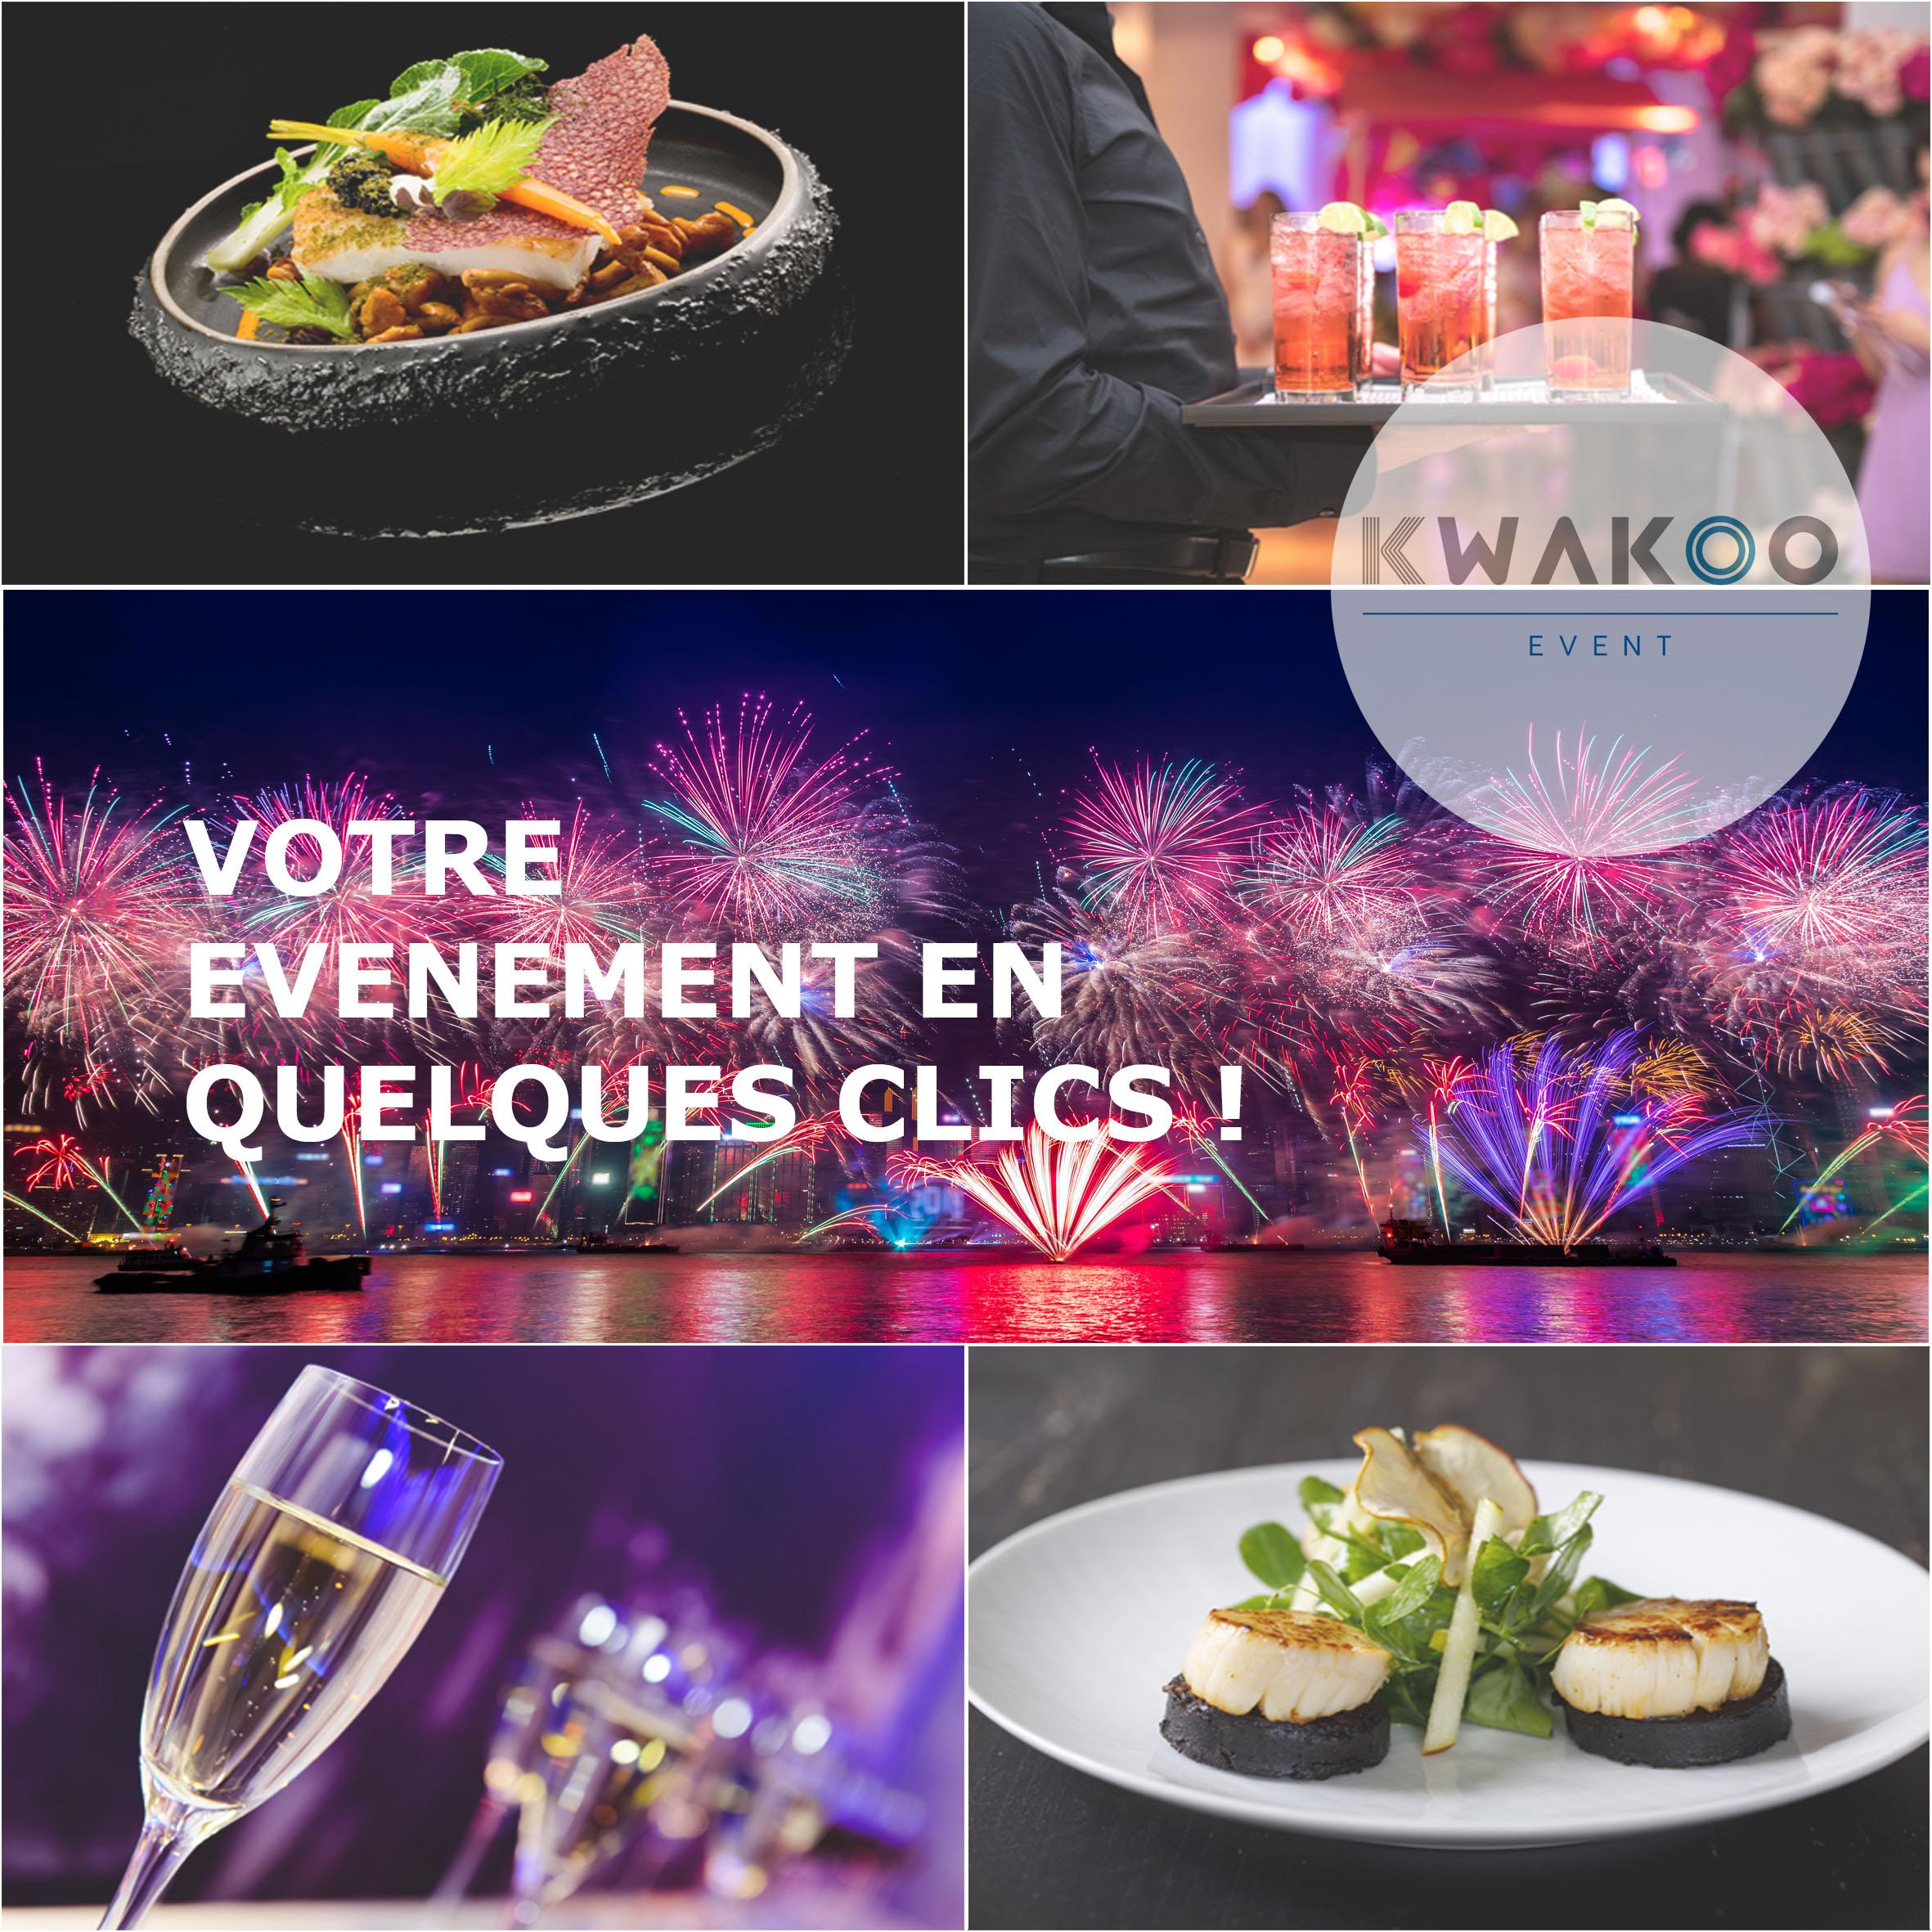 kwakoo-event-lancement-officiel-instagram